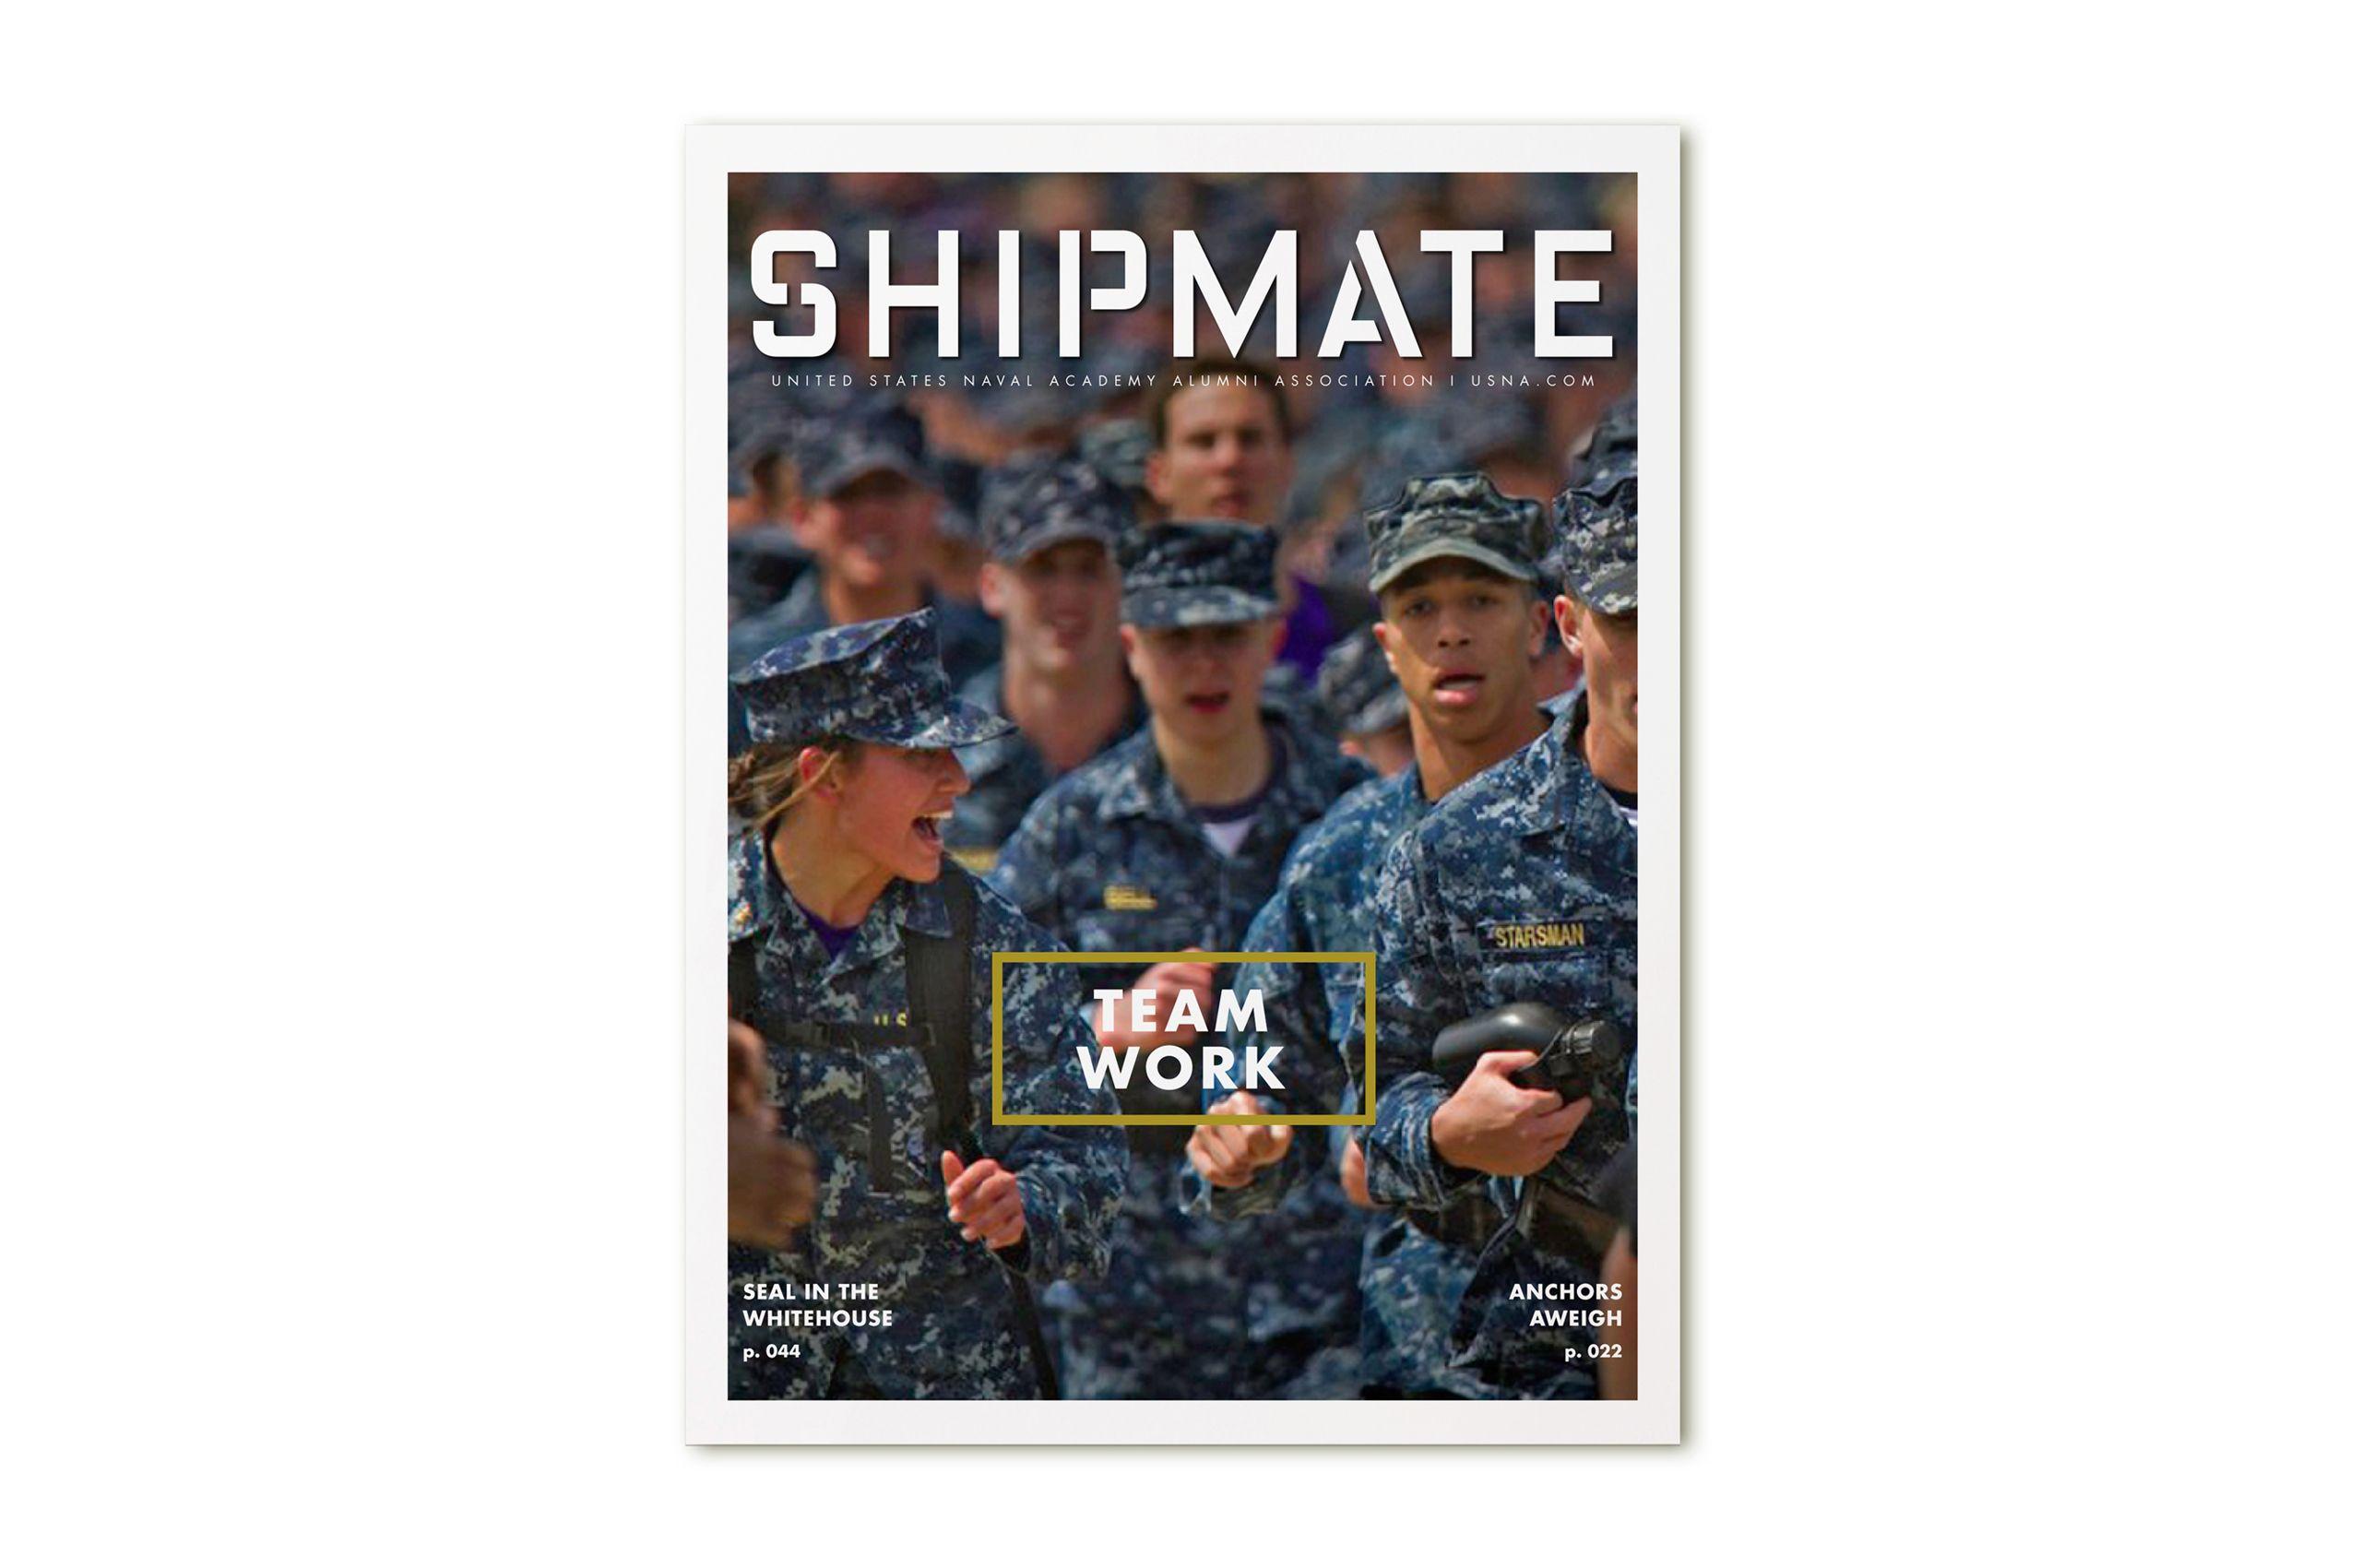 SHIPMATE COVER.jpg